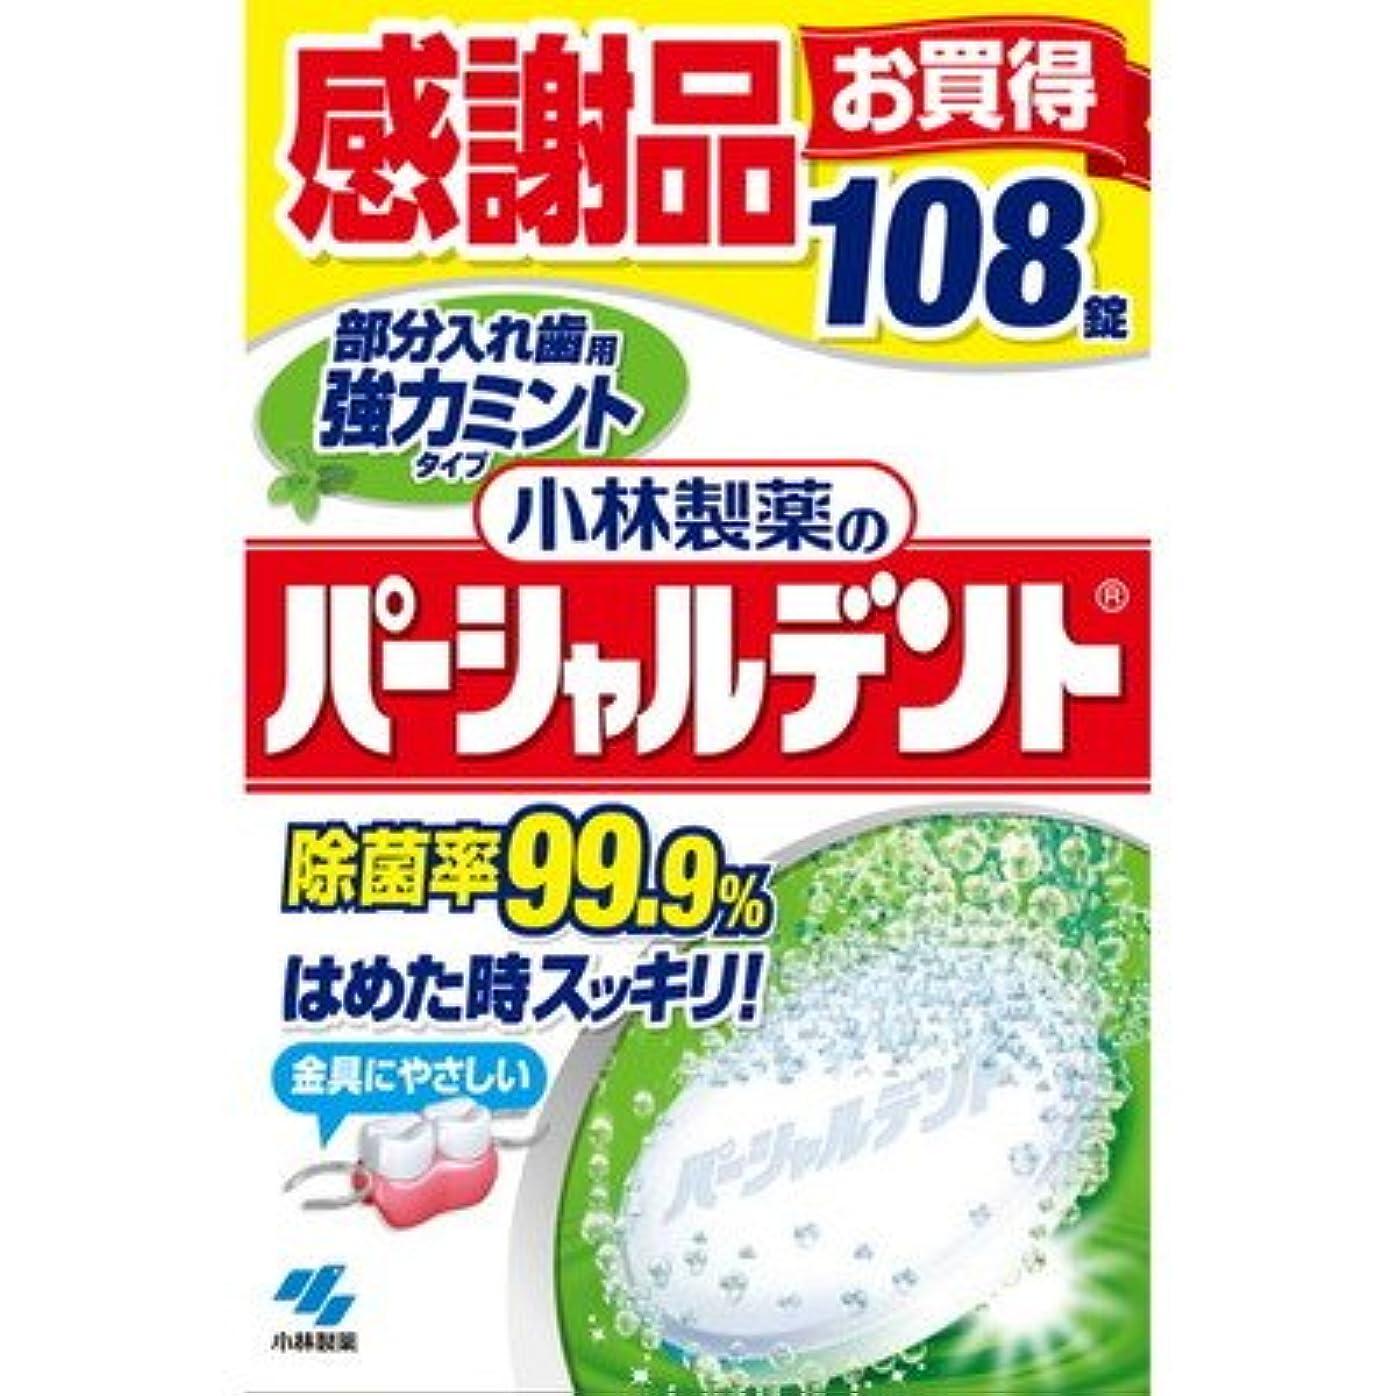 甲虫へこみ一般的に言えば小林製薬 パーシャルデント強力ミント 感謝品 108錠【3個セット】